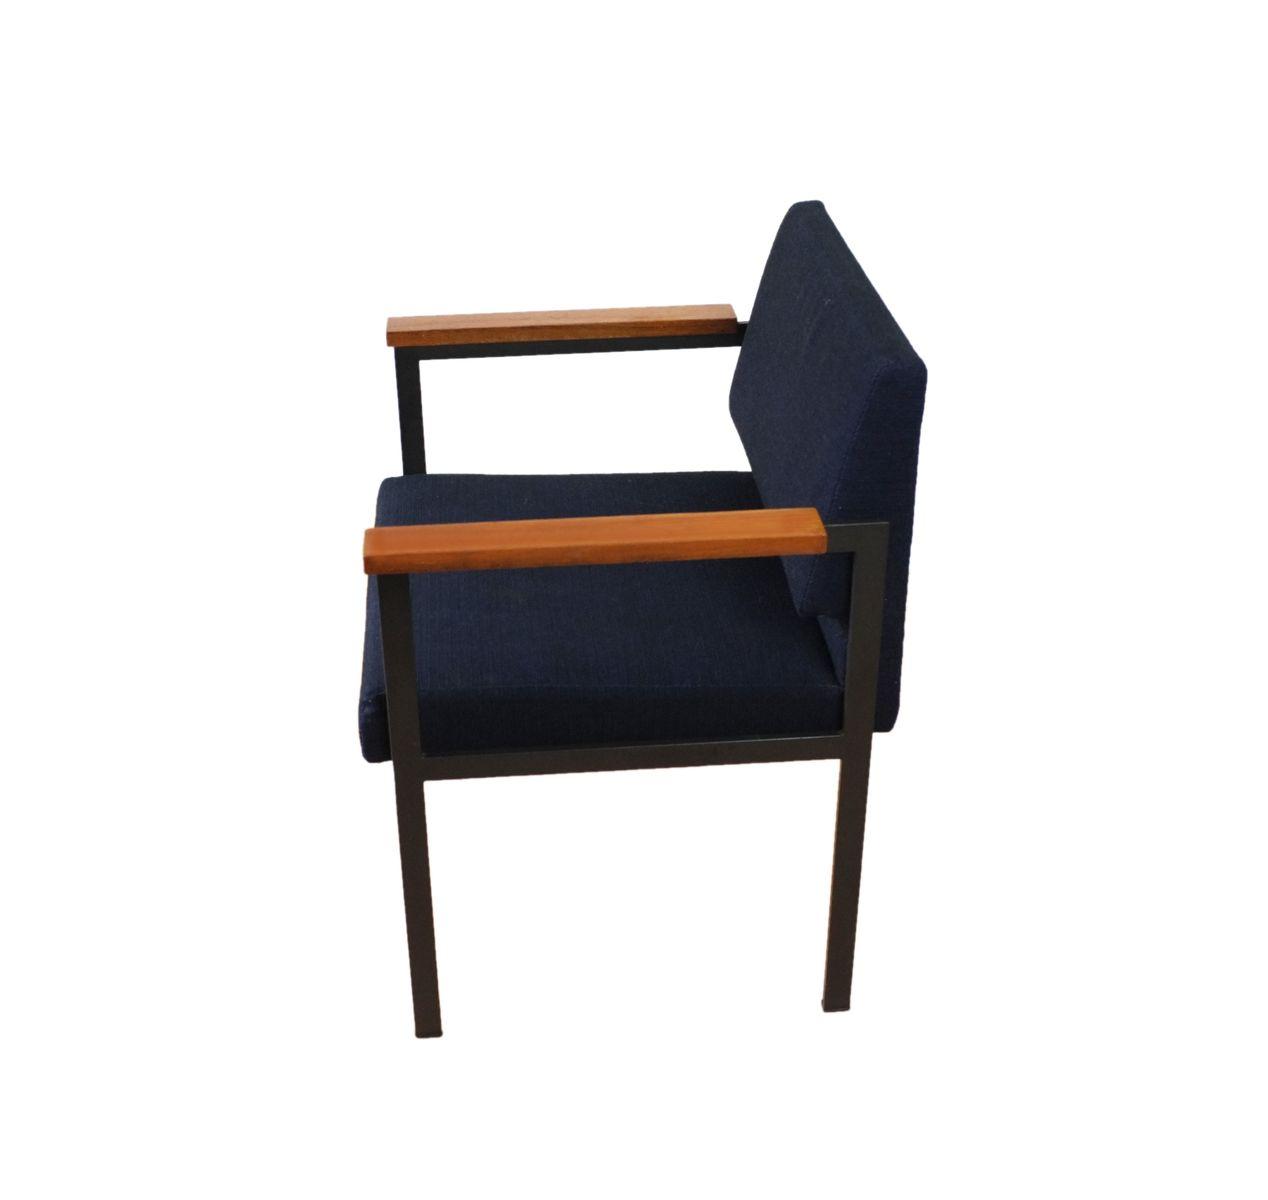 Wunderschön Metall Stuhl Das Beste Von 155,00 €